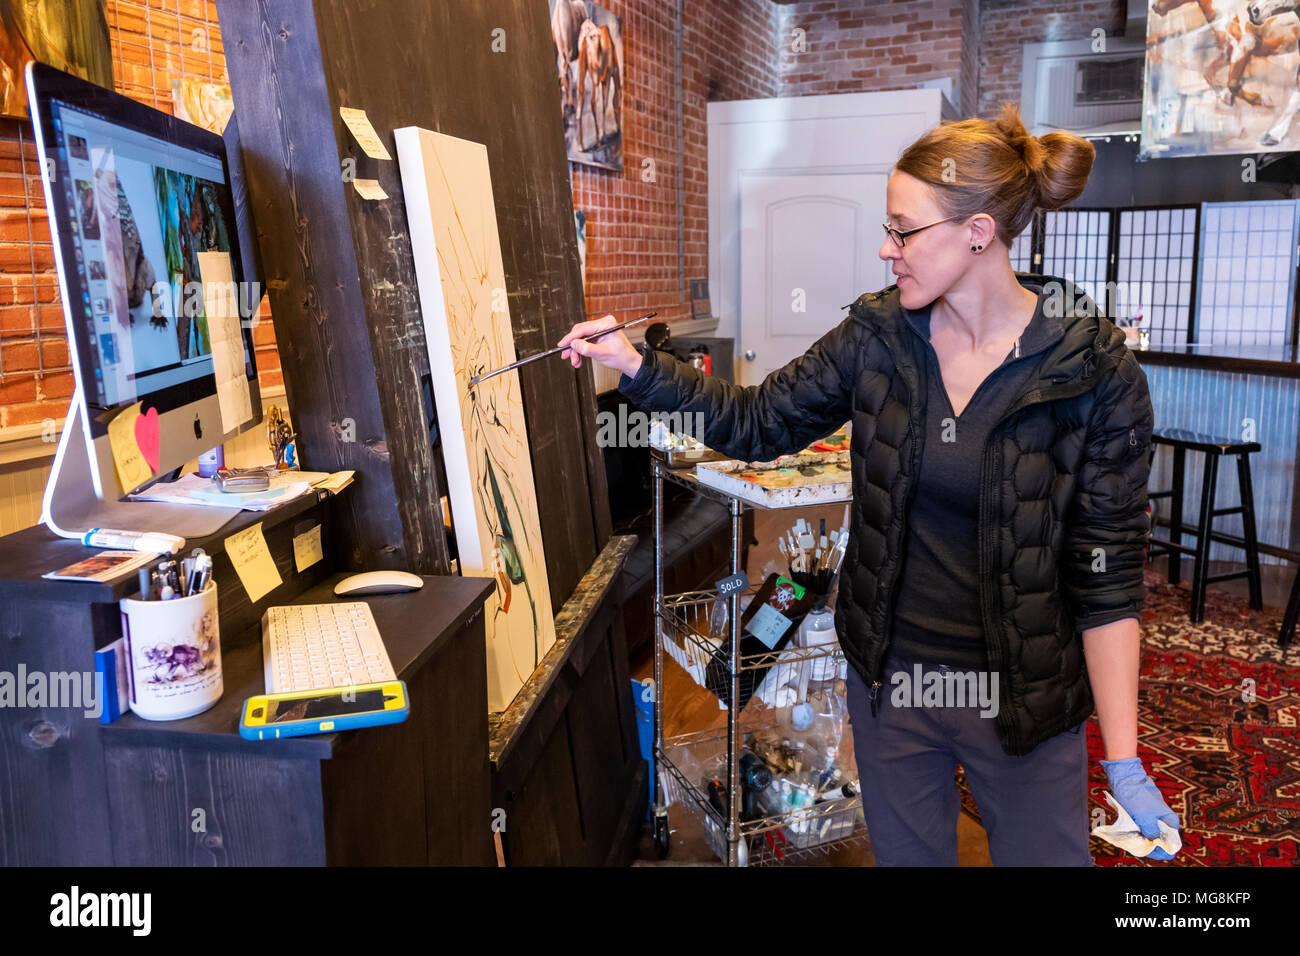 Artista Katie Maher referenciar una imagen de equipo al crear un óleo en su galería; Salida, Colorado, EE.UU. Imagen De Stock